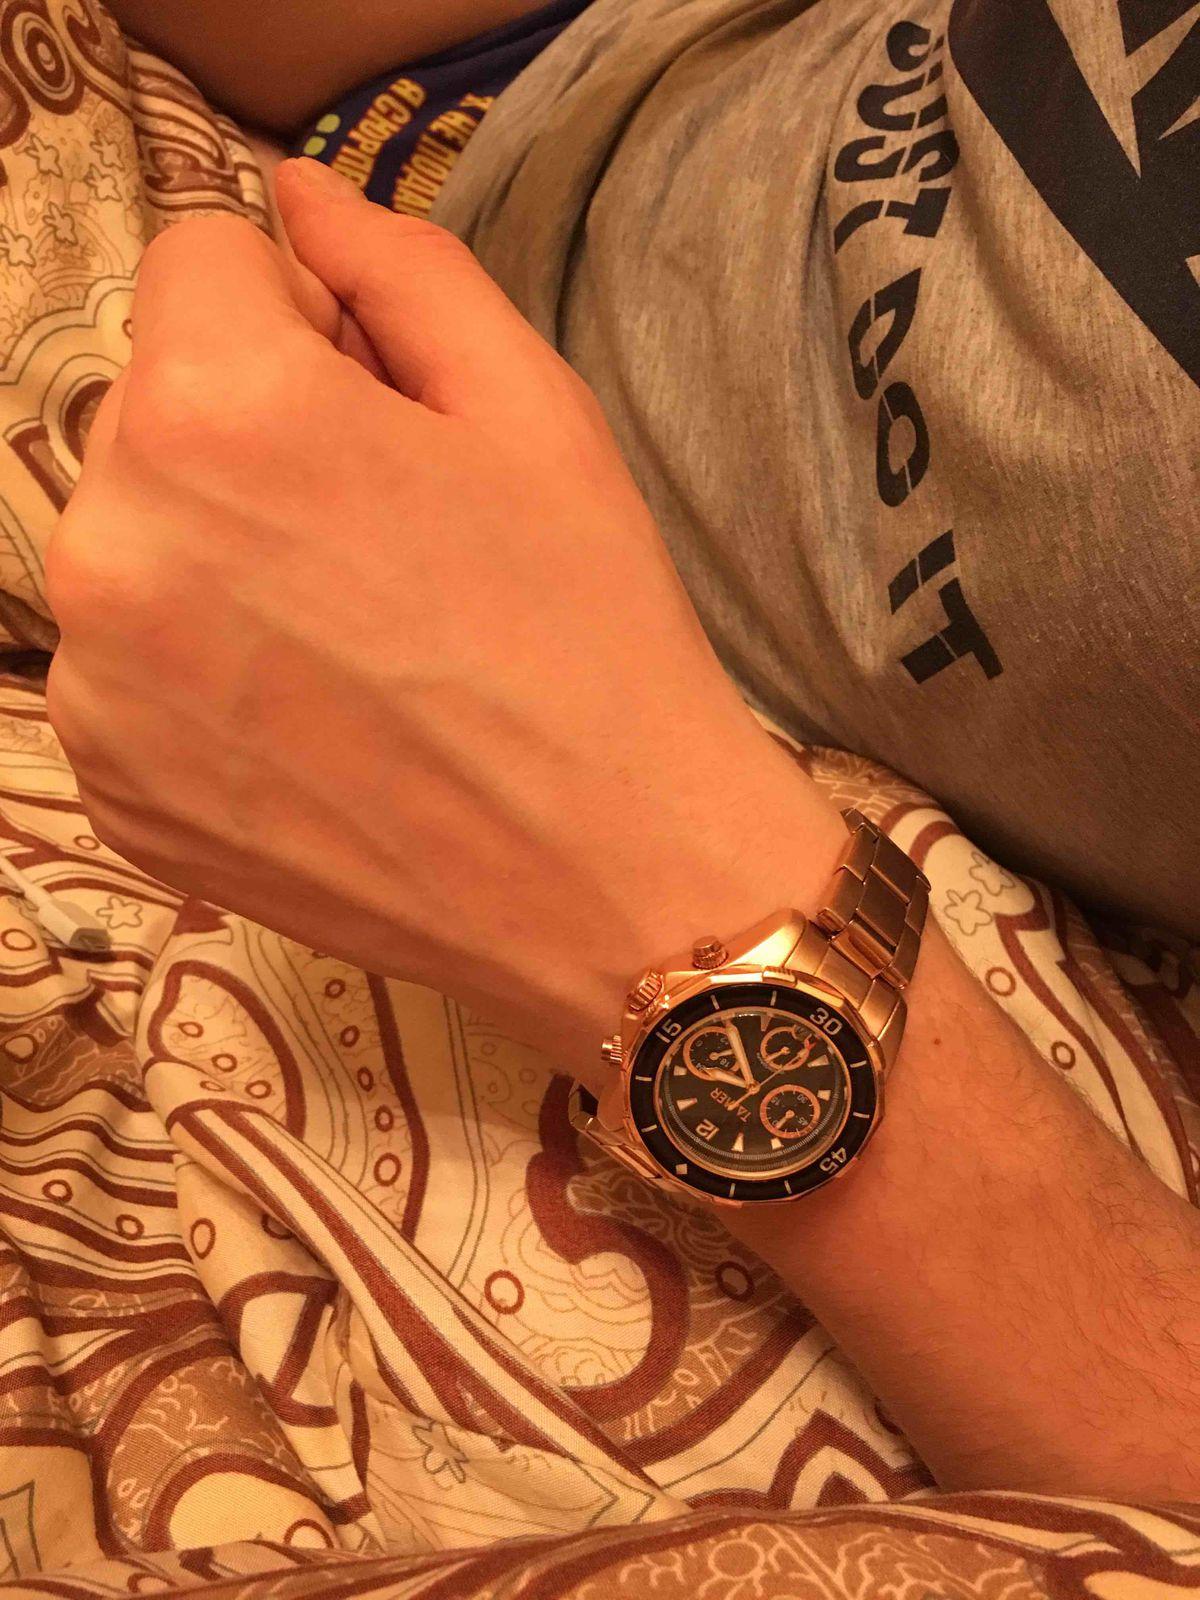 Купила часы  молодому человеку в подарок